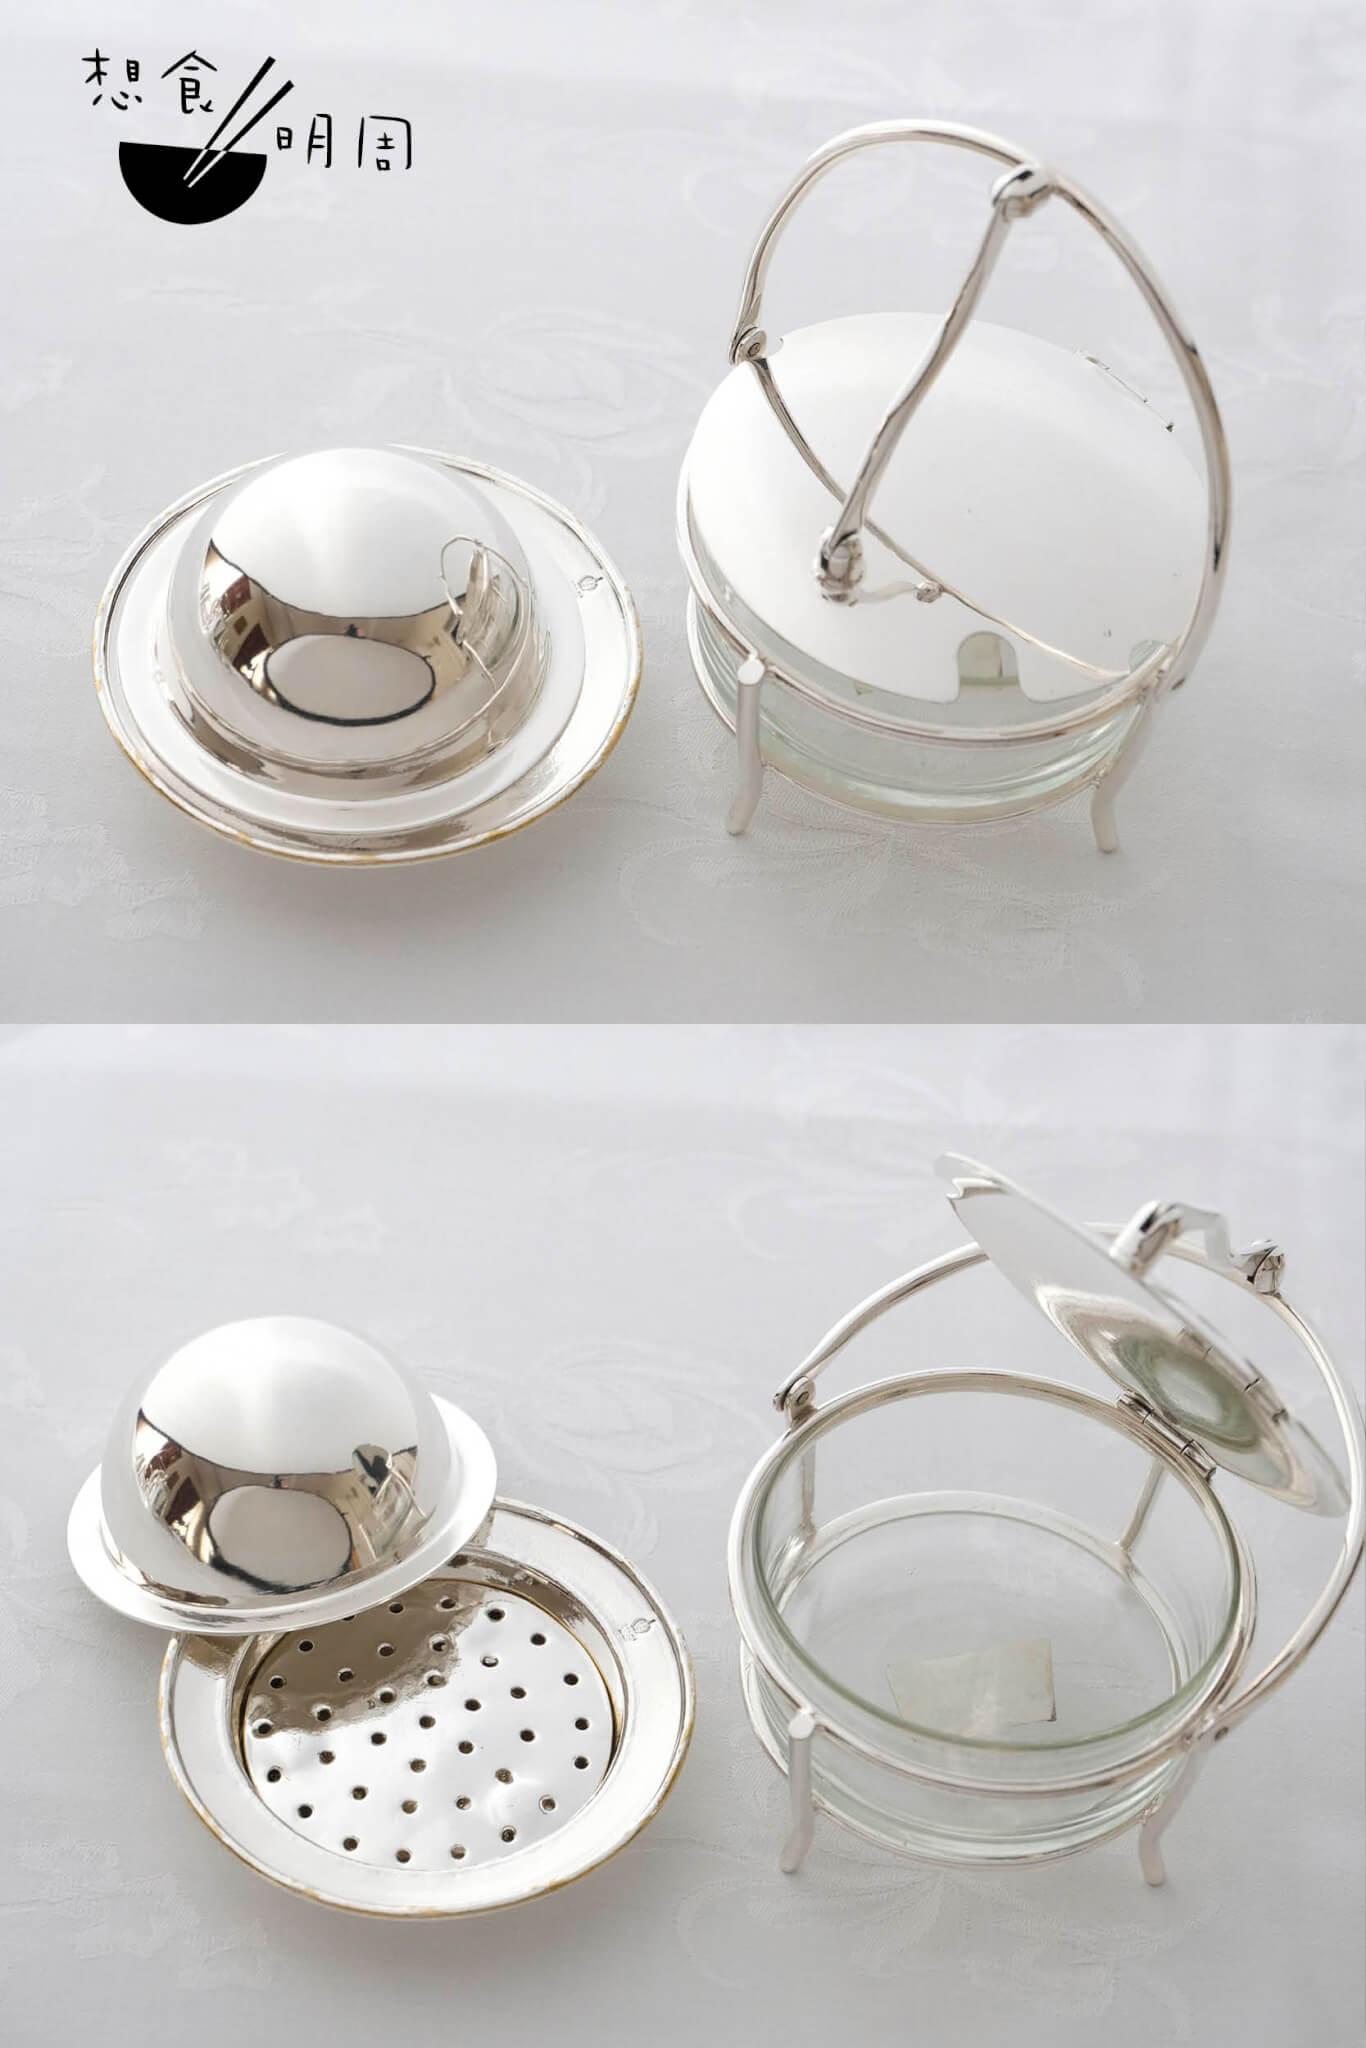 芝士粉壅、牛油碟 // 都是古早時期的用具,今日已成收藏品之一。另有田螺碟、粟米叉、蛋盅、玻璃杯架等,都是今日難以等見的。